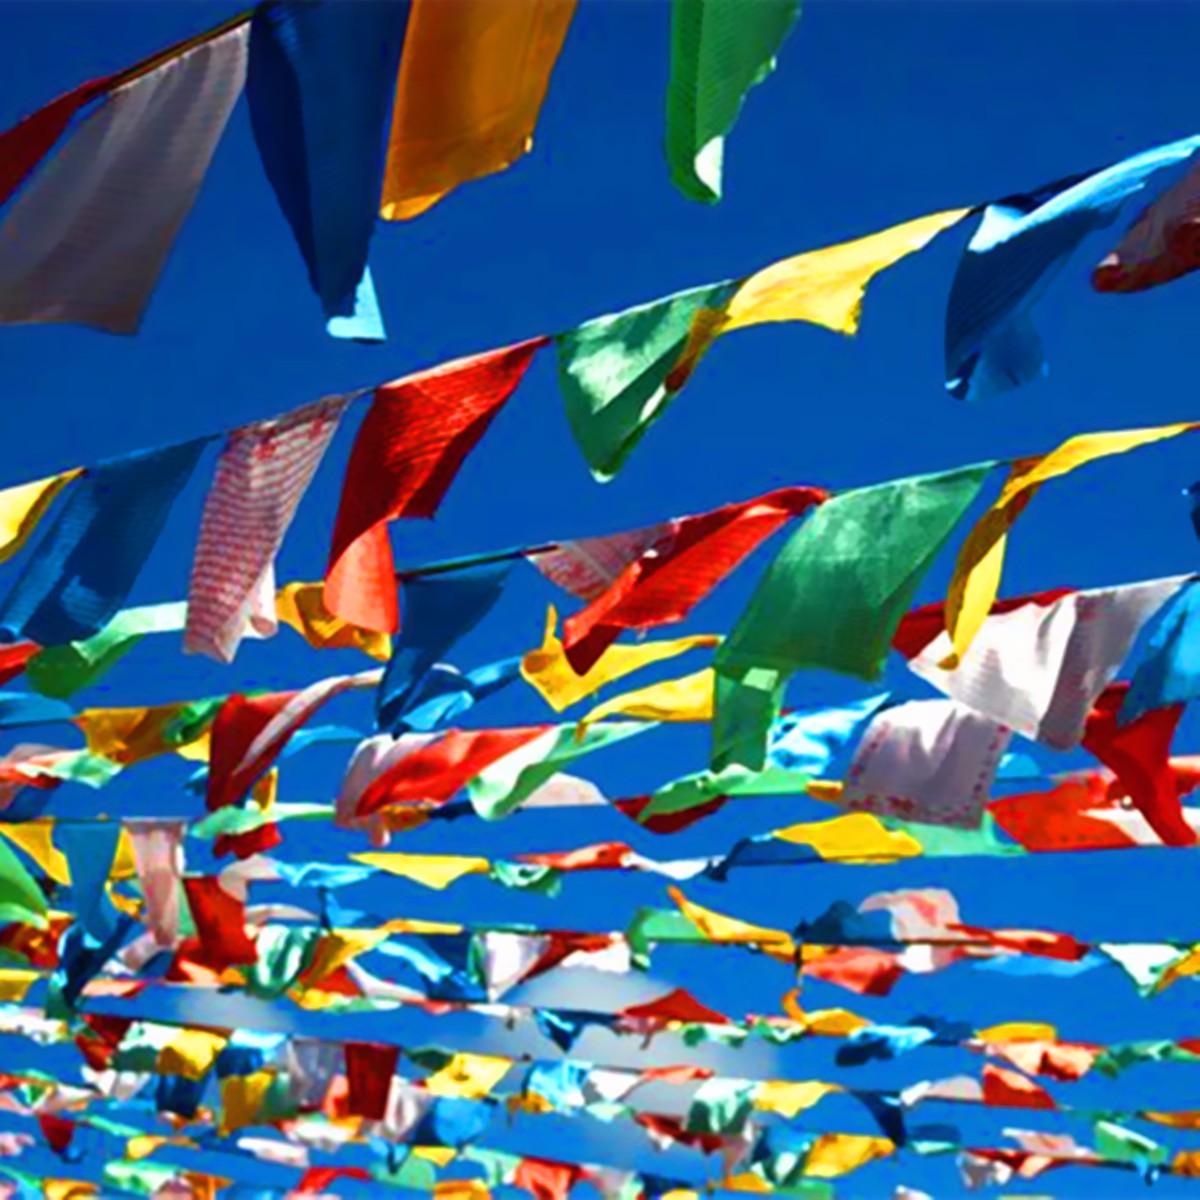 1 Satz 20 Stücke Tibetischen Buddhistischen Gebet Fahnen 5 Verschiedene Farben Stoff Handwerk Polyester Tibet Stil Dekorative Flagge 27x15 Cm KöStlich Im Geschmack